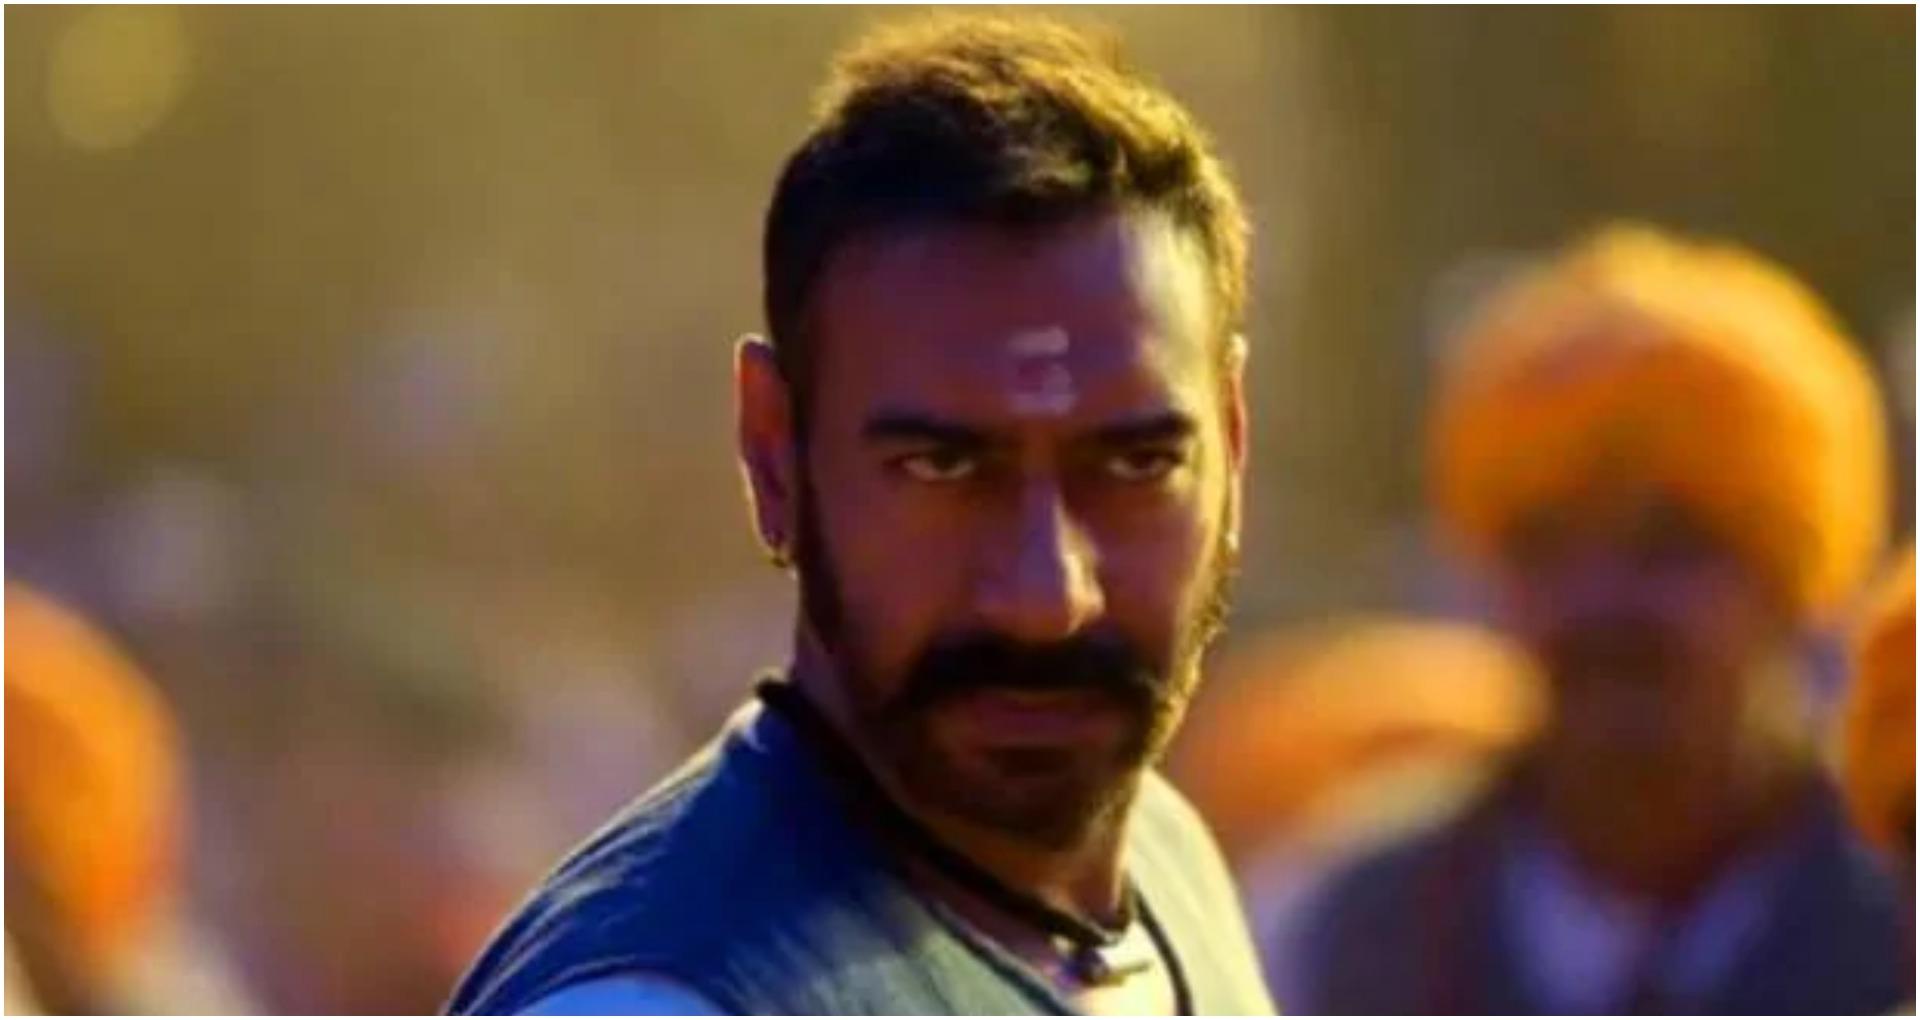 रिलीज होते ही 'तानाजी द अनसंग वॉरियर' का सॉन्ग 'शंकरा रे शंकरा' मचाया धमाल, अजय देवगन का यूट्यूब पर कब्जा